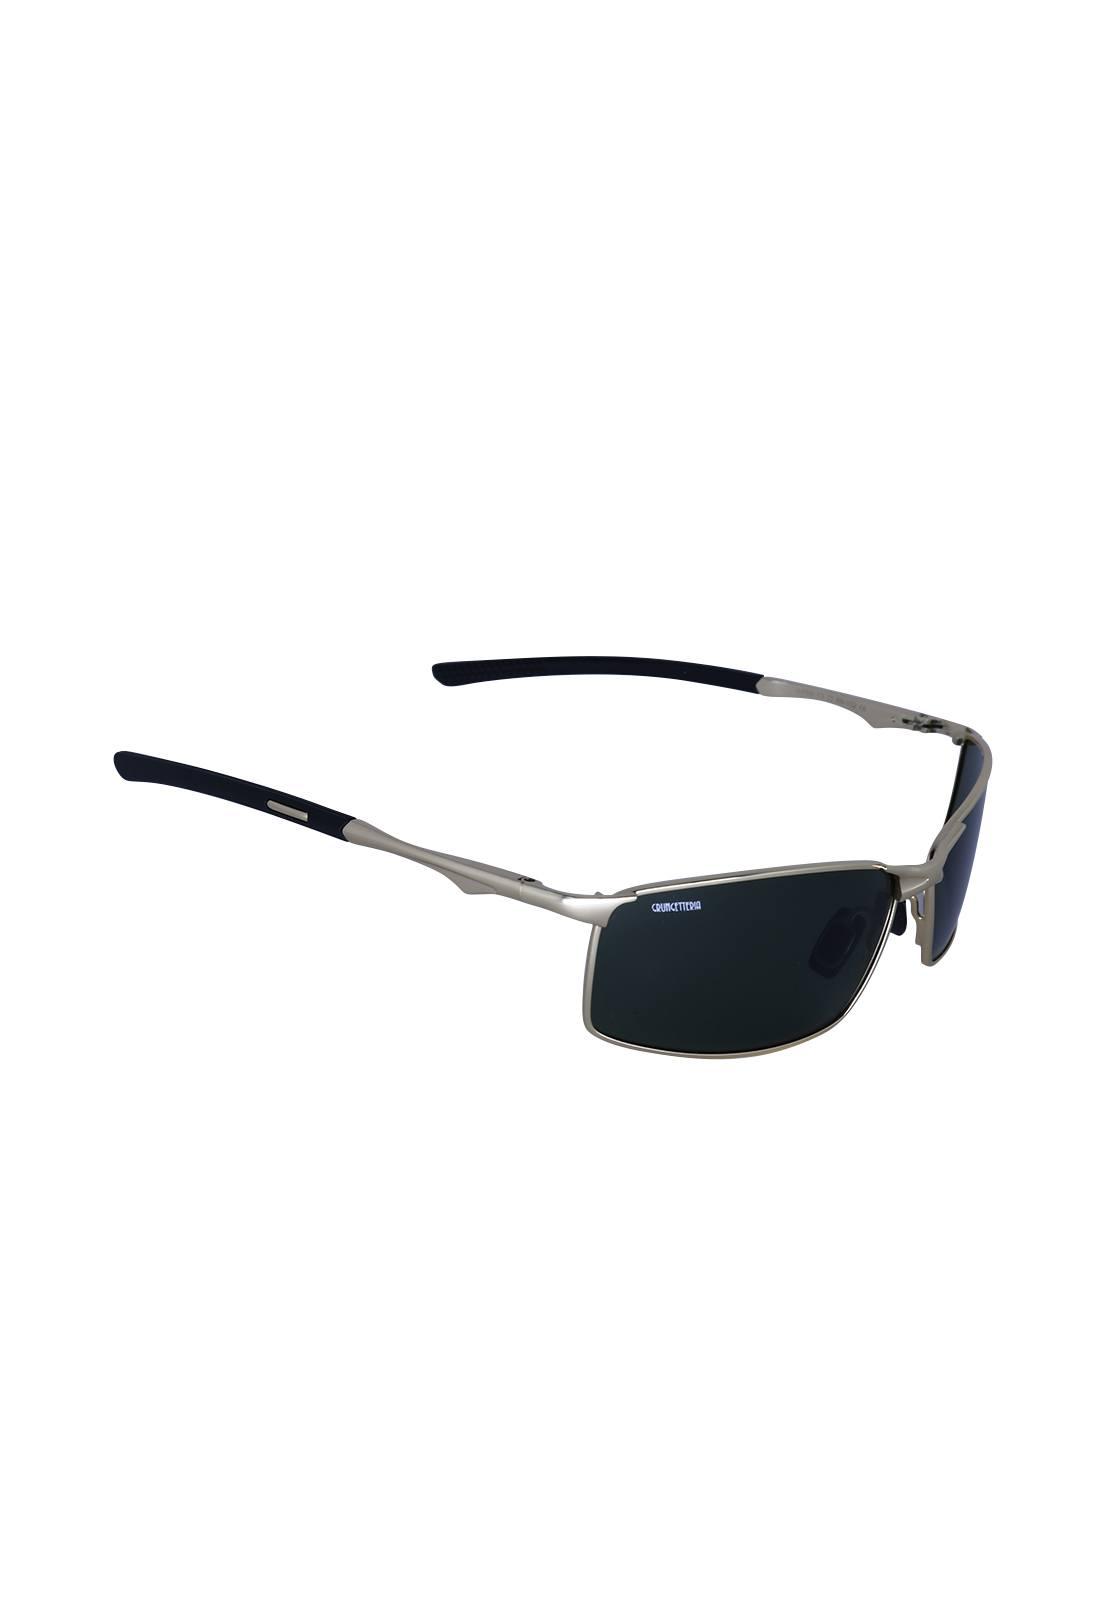 Óculos de Sol Grungetteria Neo Dourado